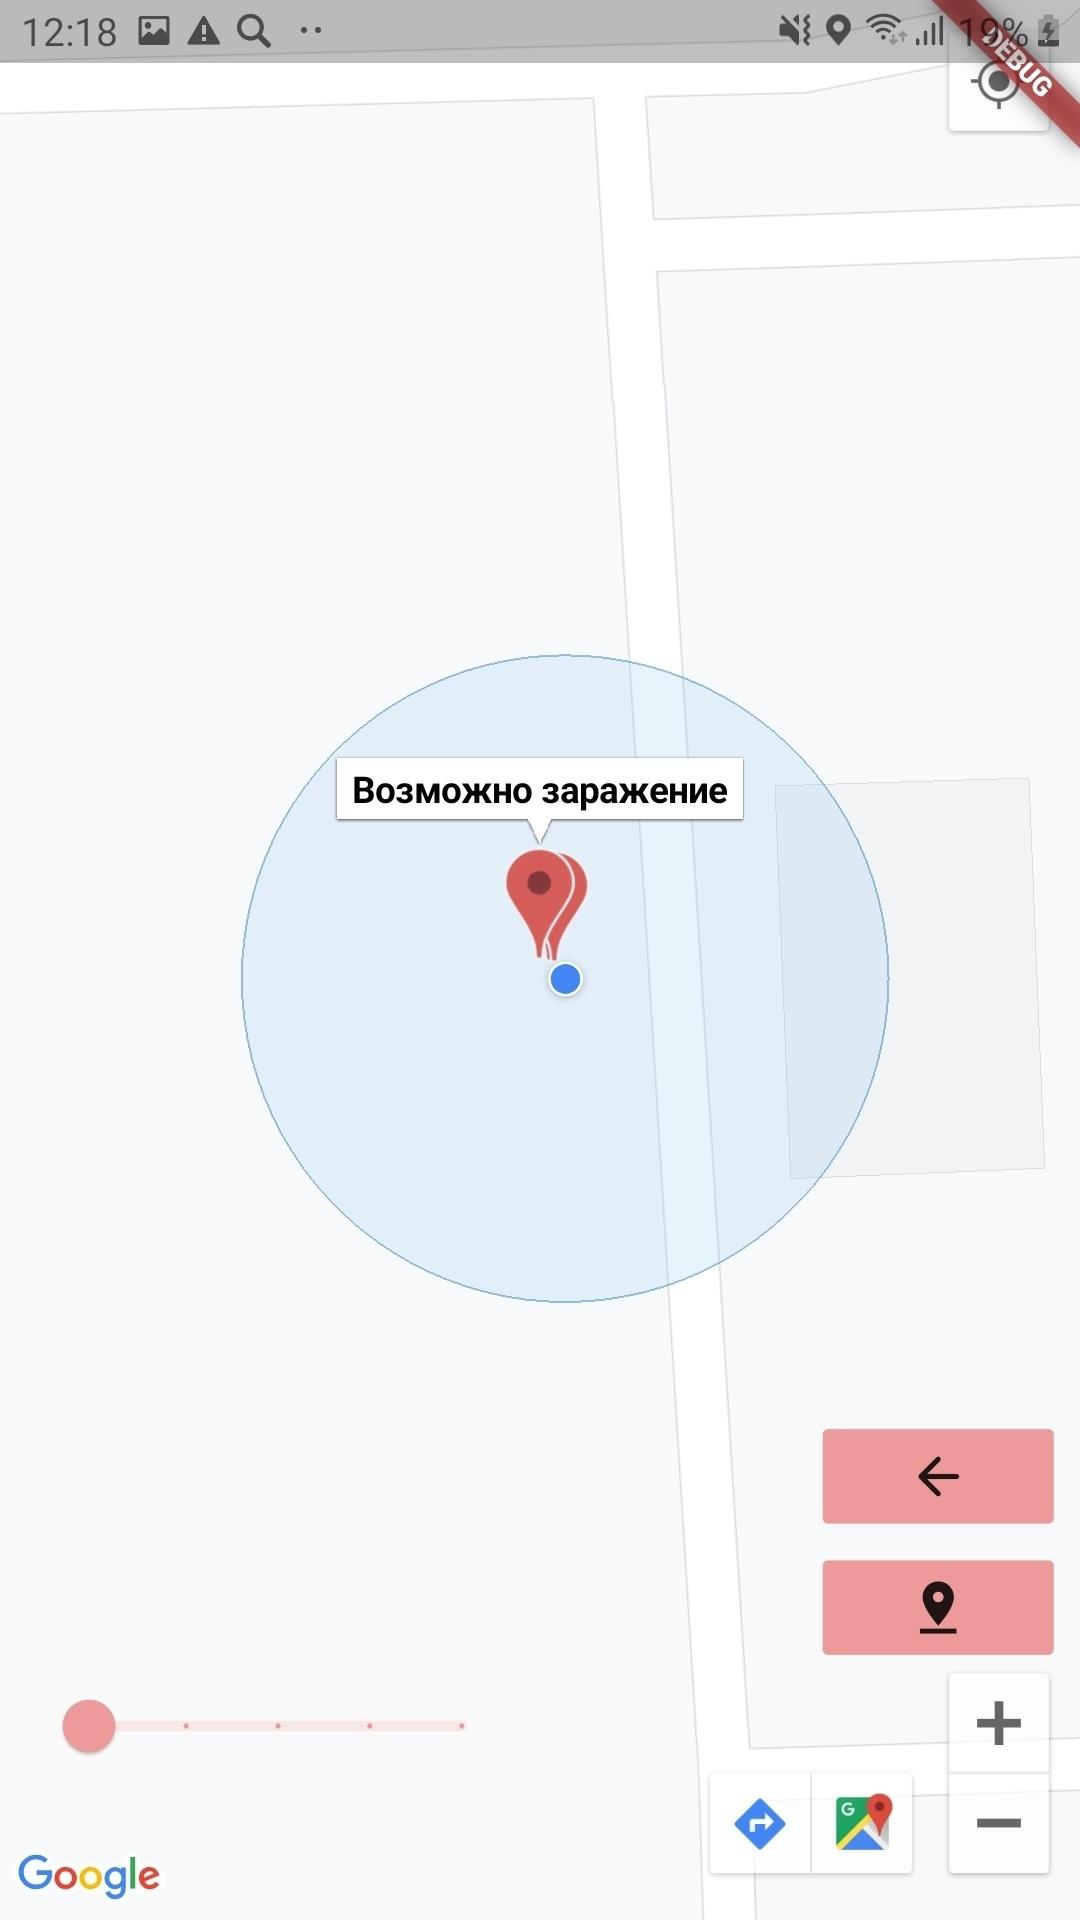 Коробов Егор и Афанасьев Дмитрий